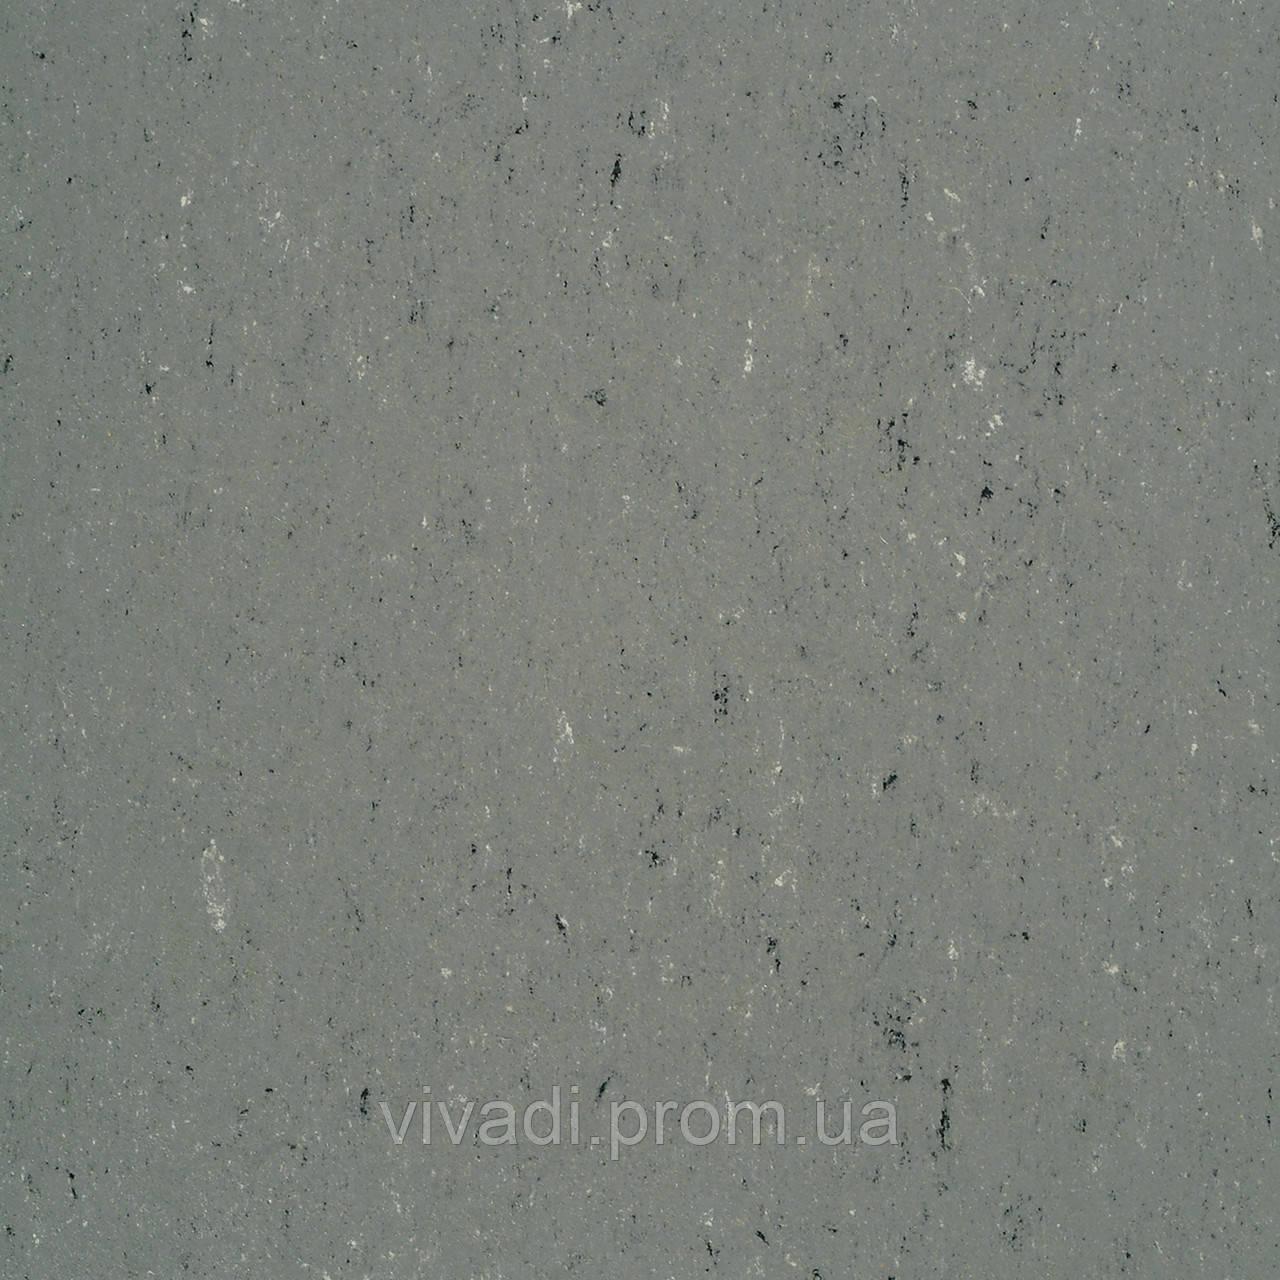 Натуральний лінолеум Colorette PUR - колір 137-059